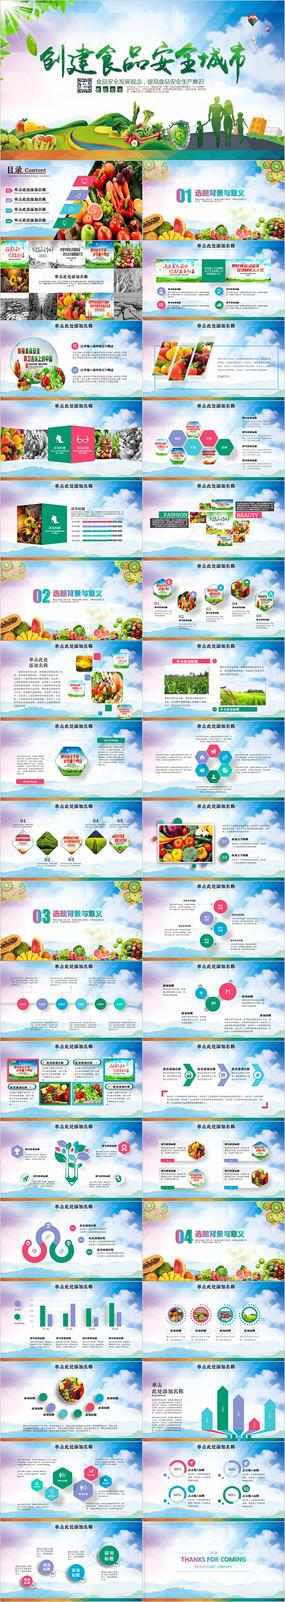 小学生合理膳食ppt_关注食品安全ppt课件模板_红动网